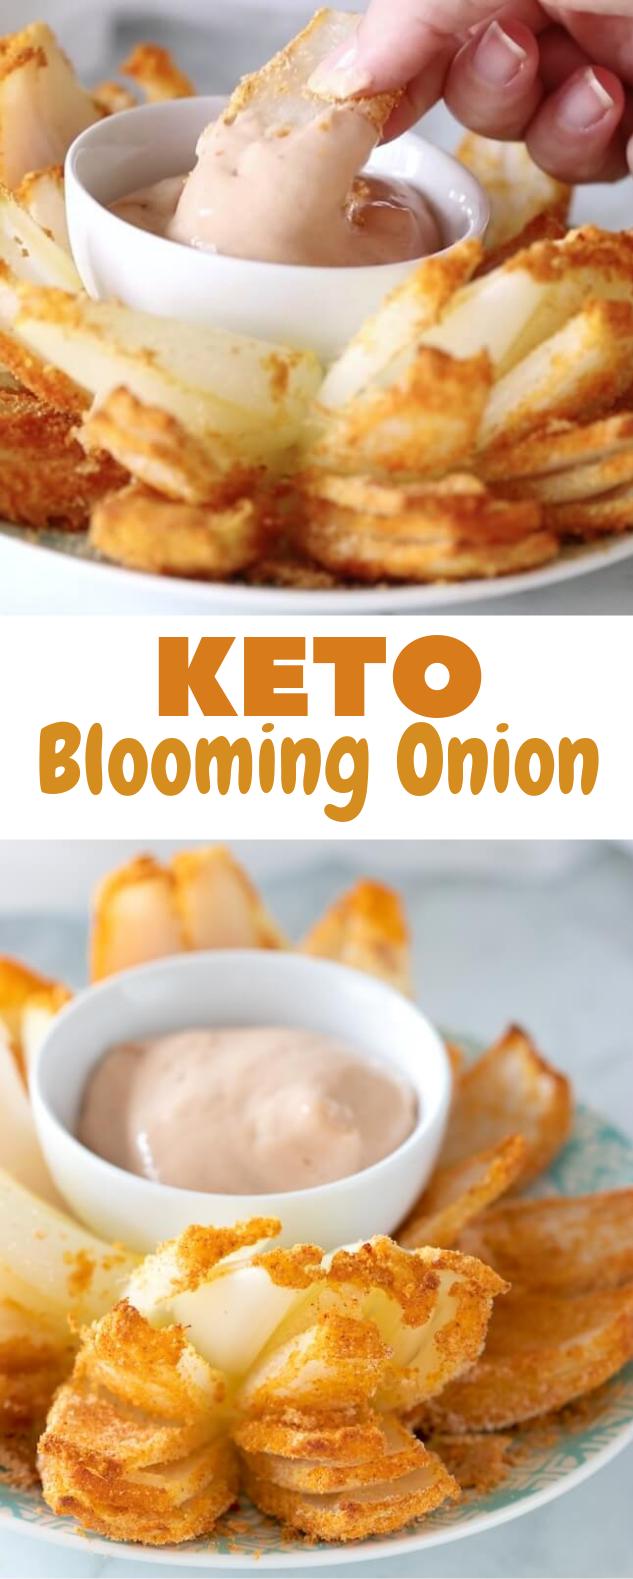 Keto Blooming Onion #lowcarb #ketogenic